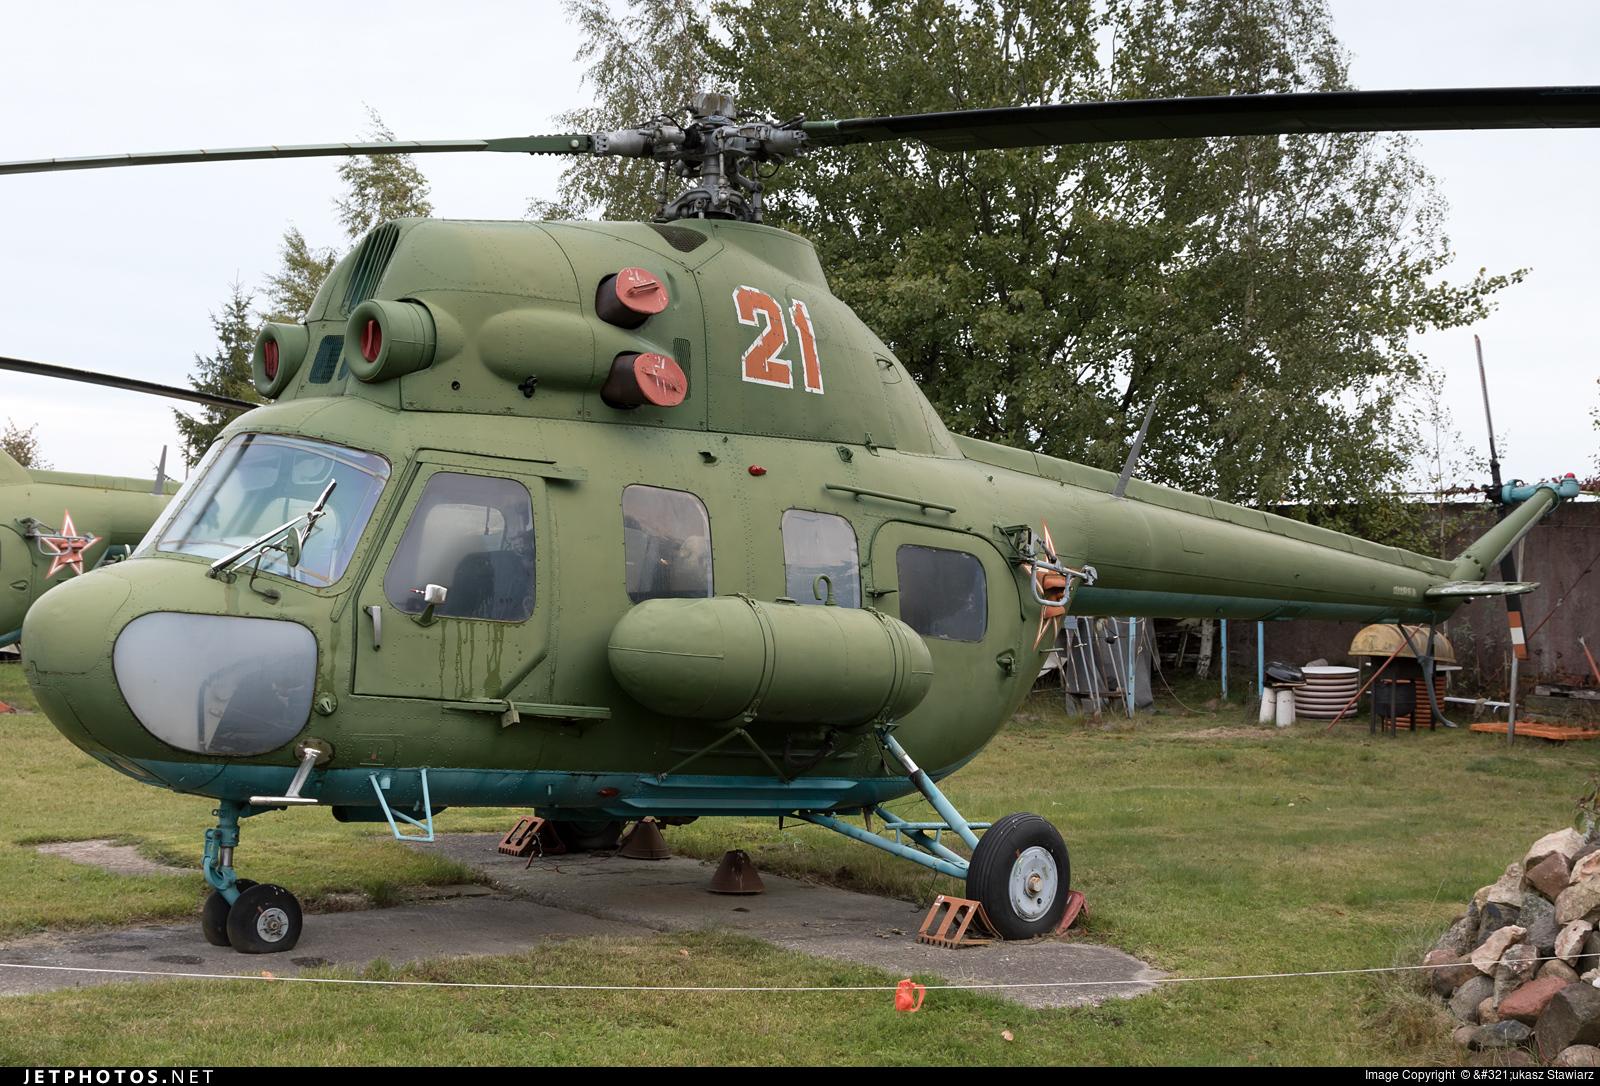 21 - PZL-Swidnik Mi-2 Hoplite - Russia - Air Force